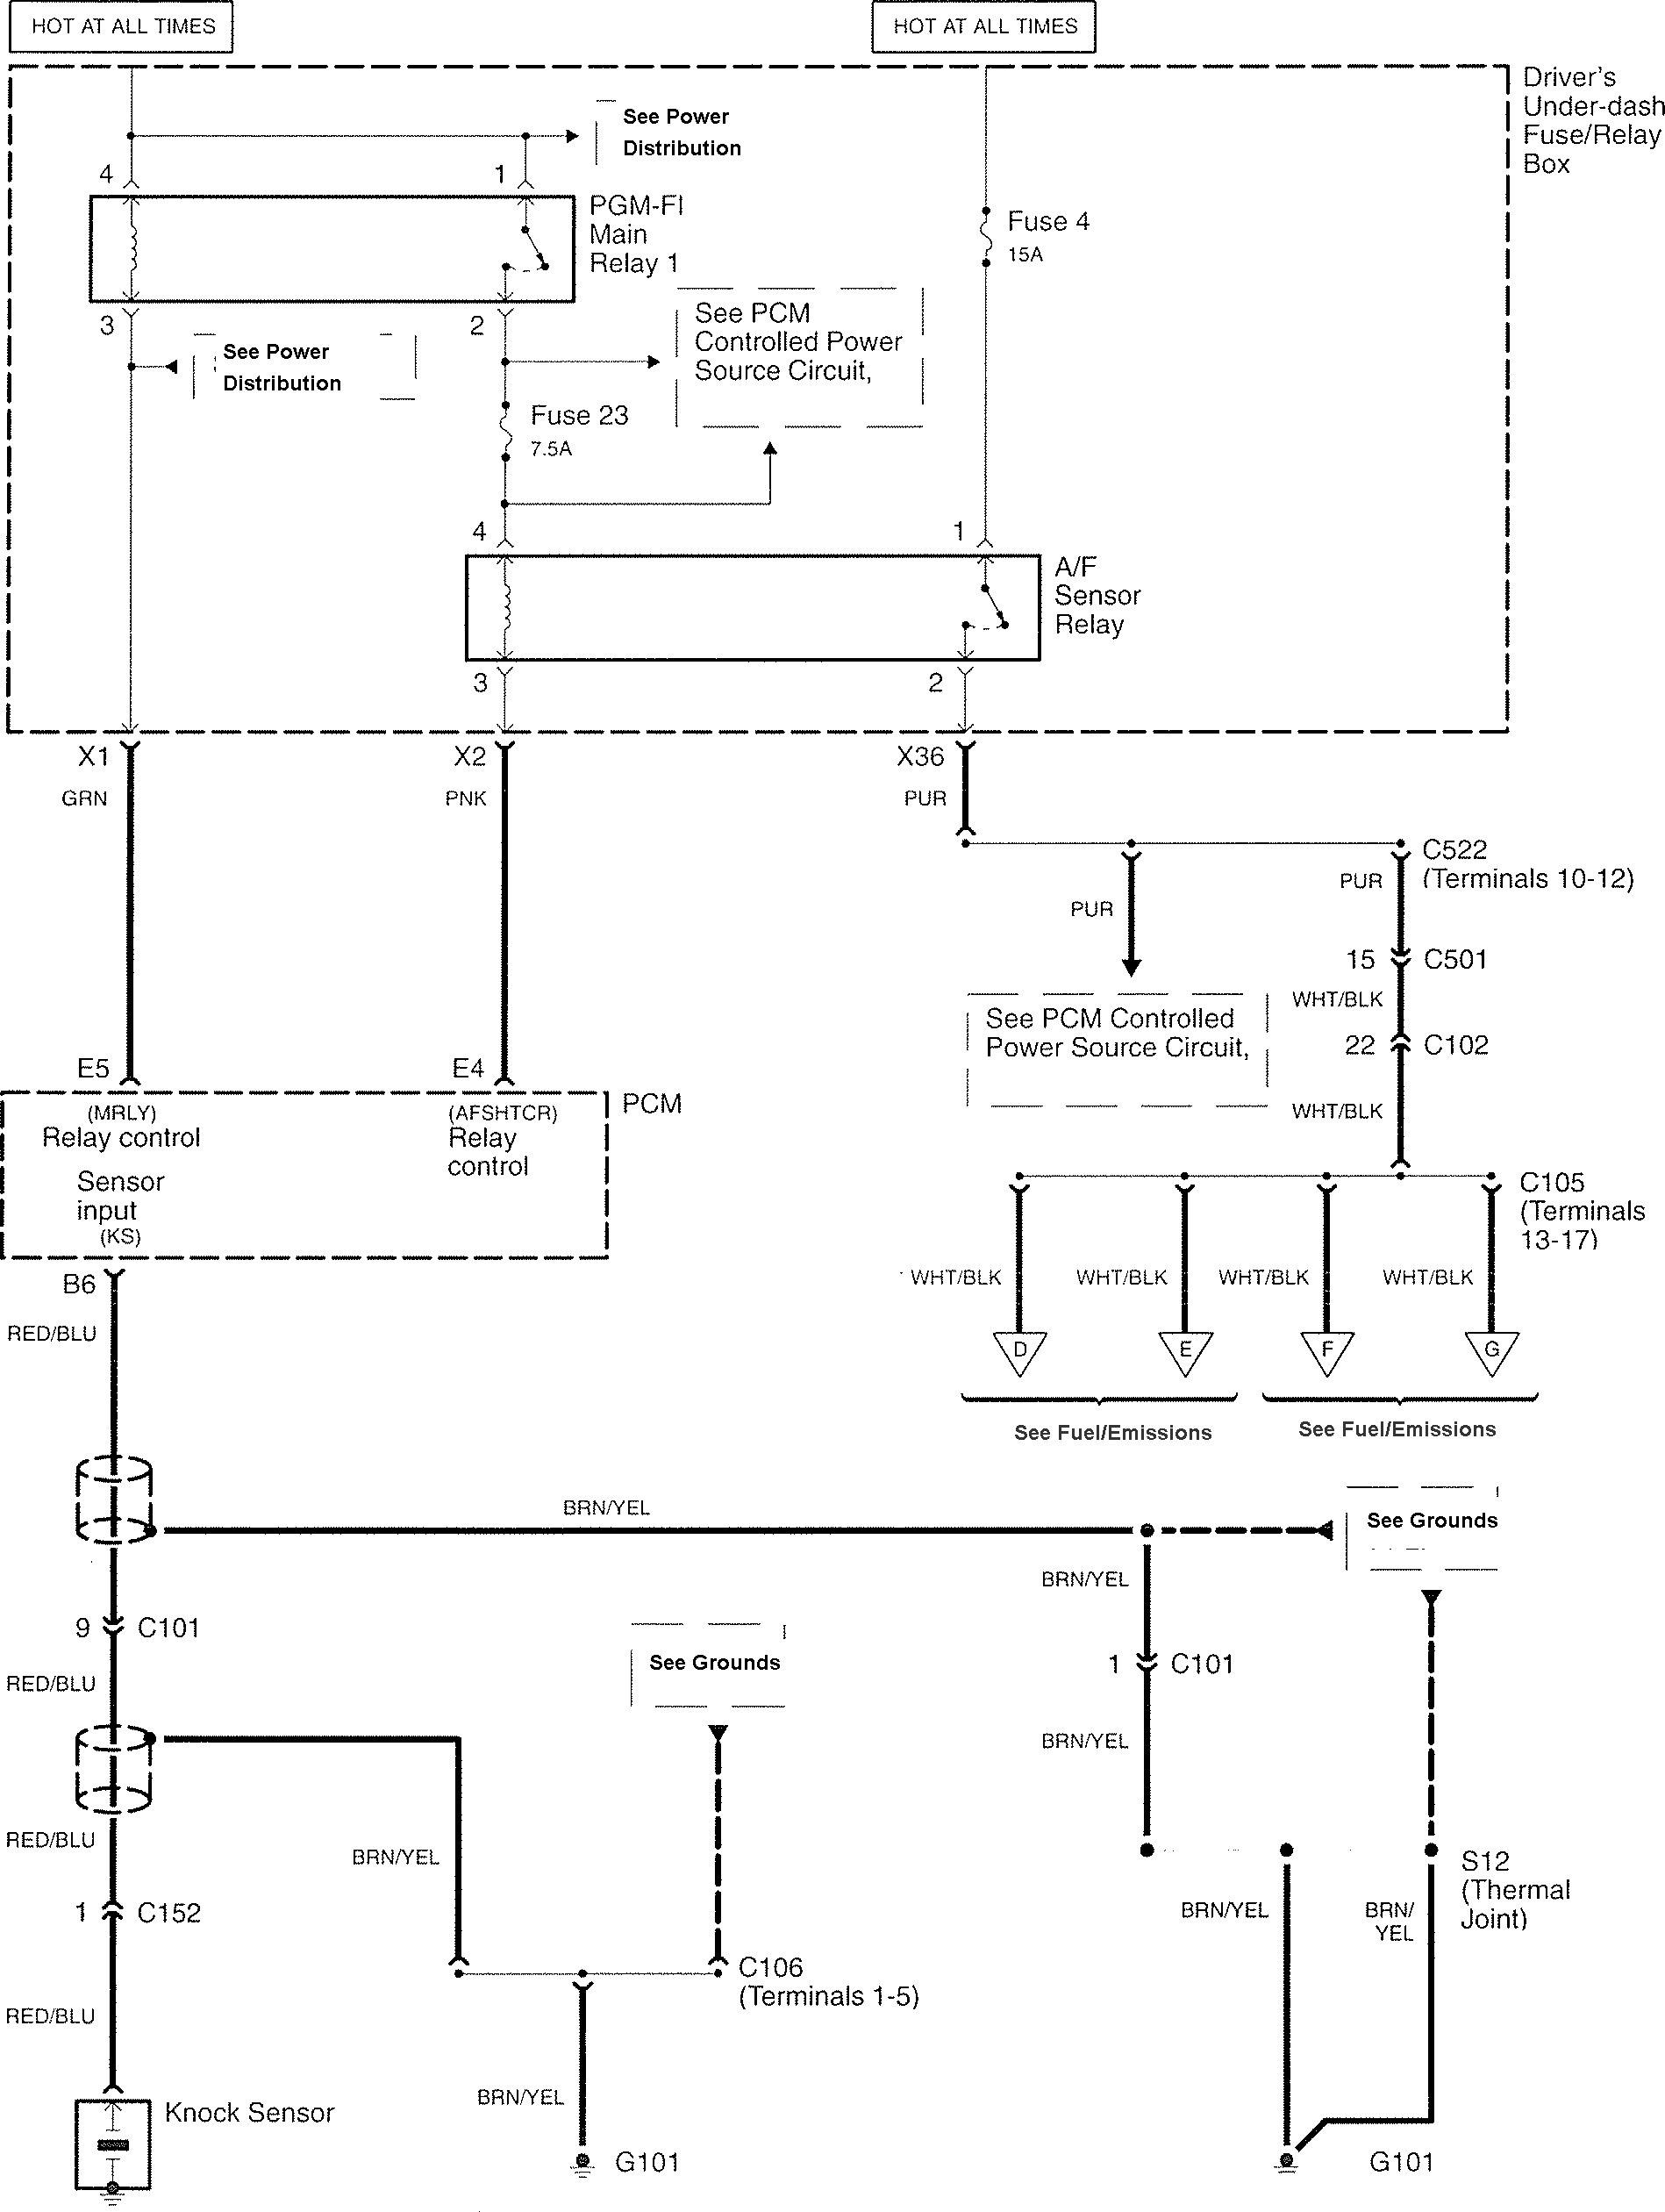 2007 acura rl wiring diagram wiring libraryacura rl wiring diagram fuel controls (part 6) acura rl (2007